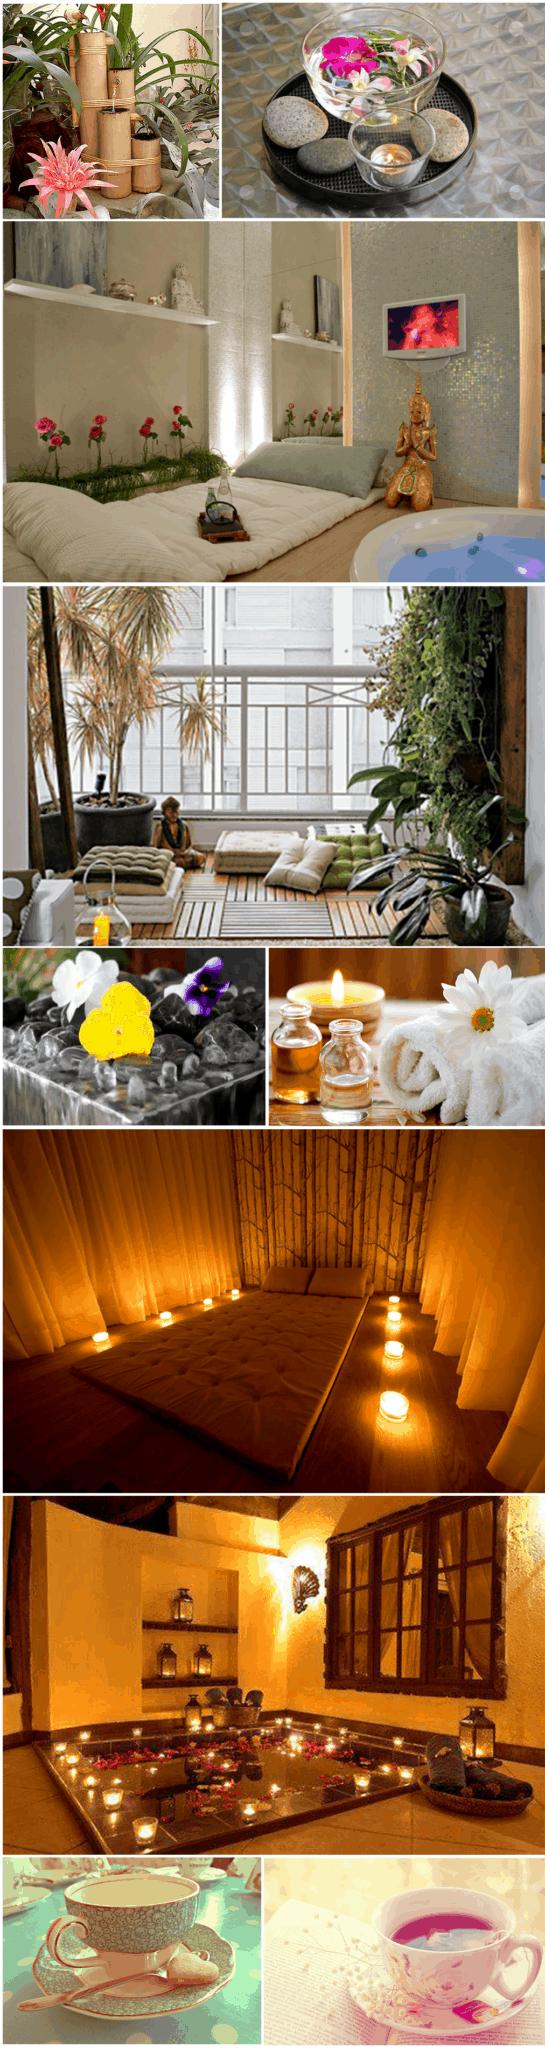 dica-8-ambiente-dos-sonhos-decorar-com-charme